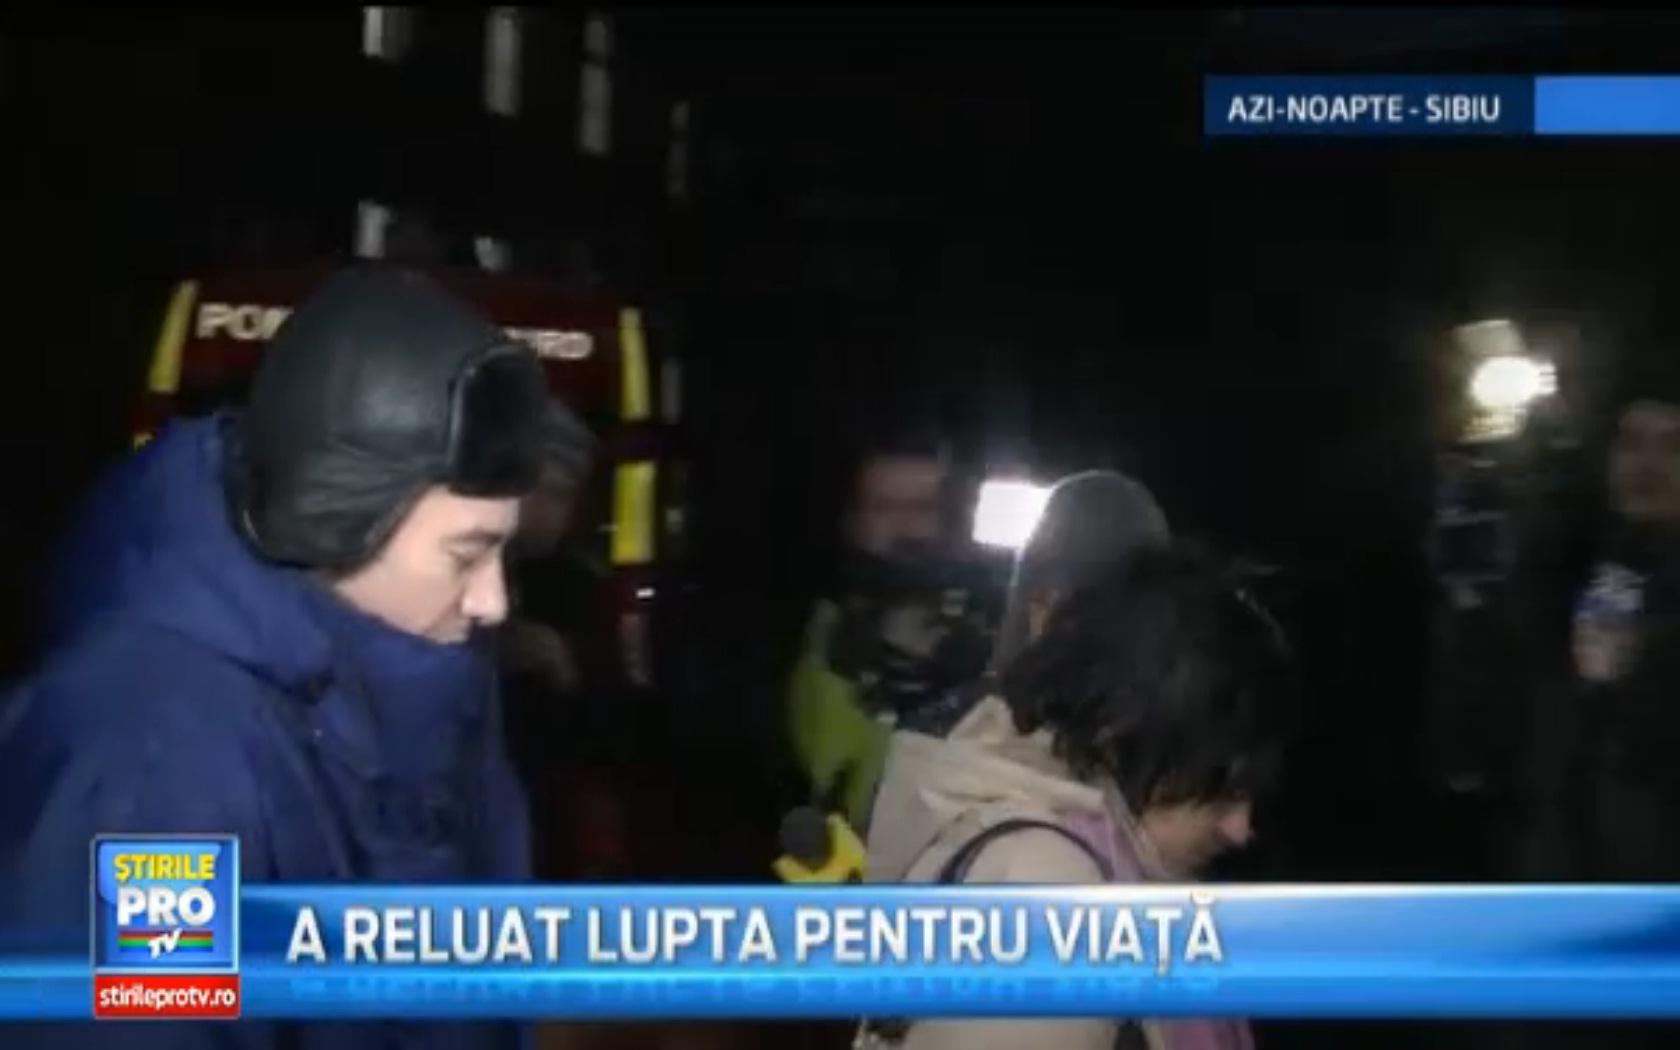 Medicul Radu Zamfir a inceput din nou lupta pentru salvarea de vieti omenesti, la Sibiu